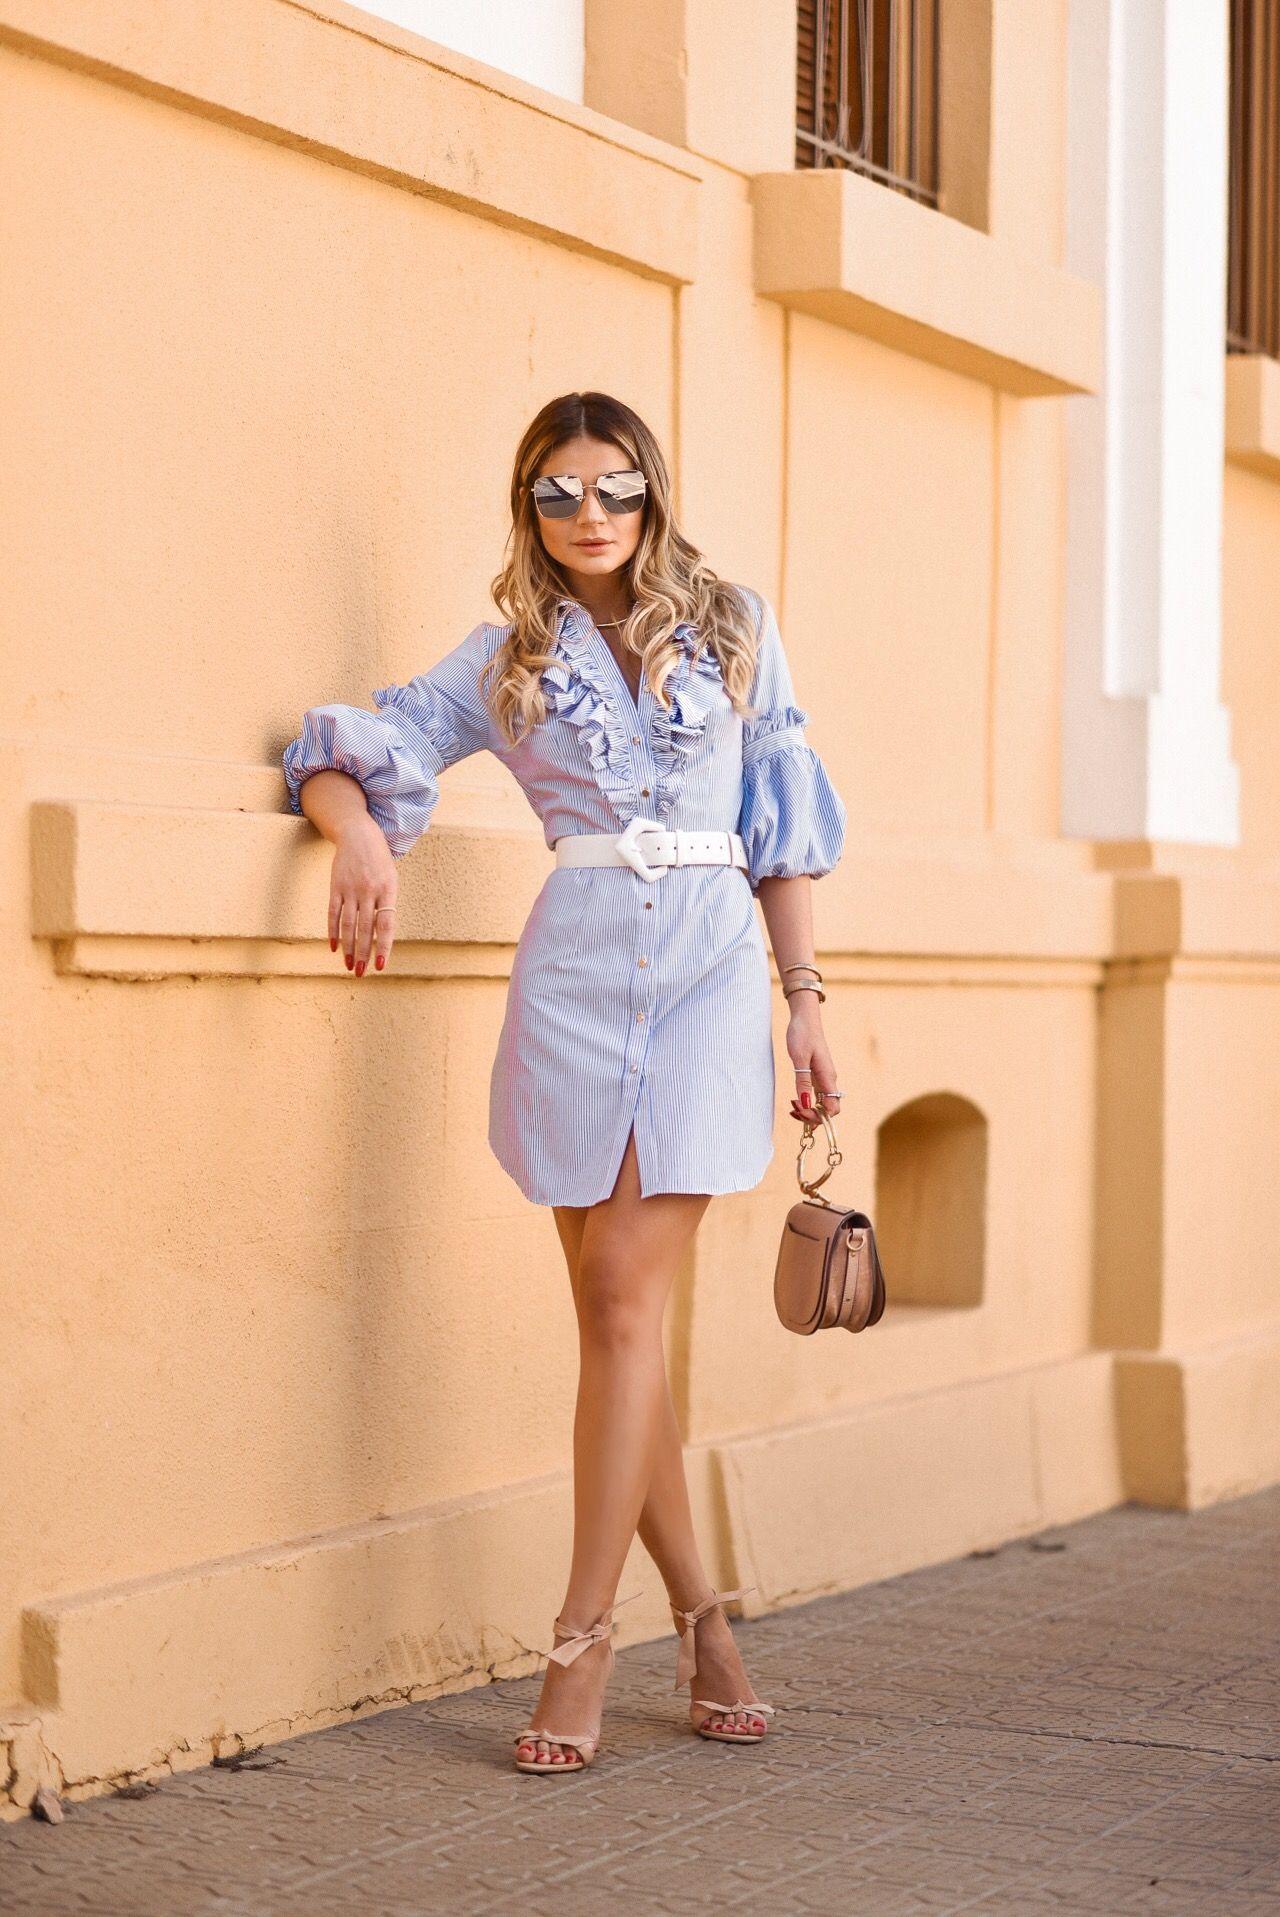 e115e3822 Look da Thassia Naves com vestido estilo camisa social de babados